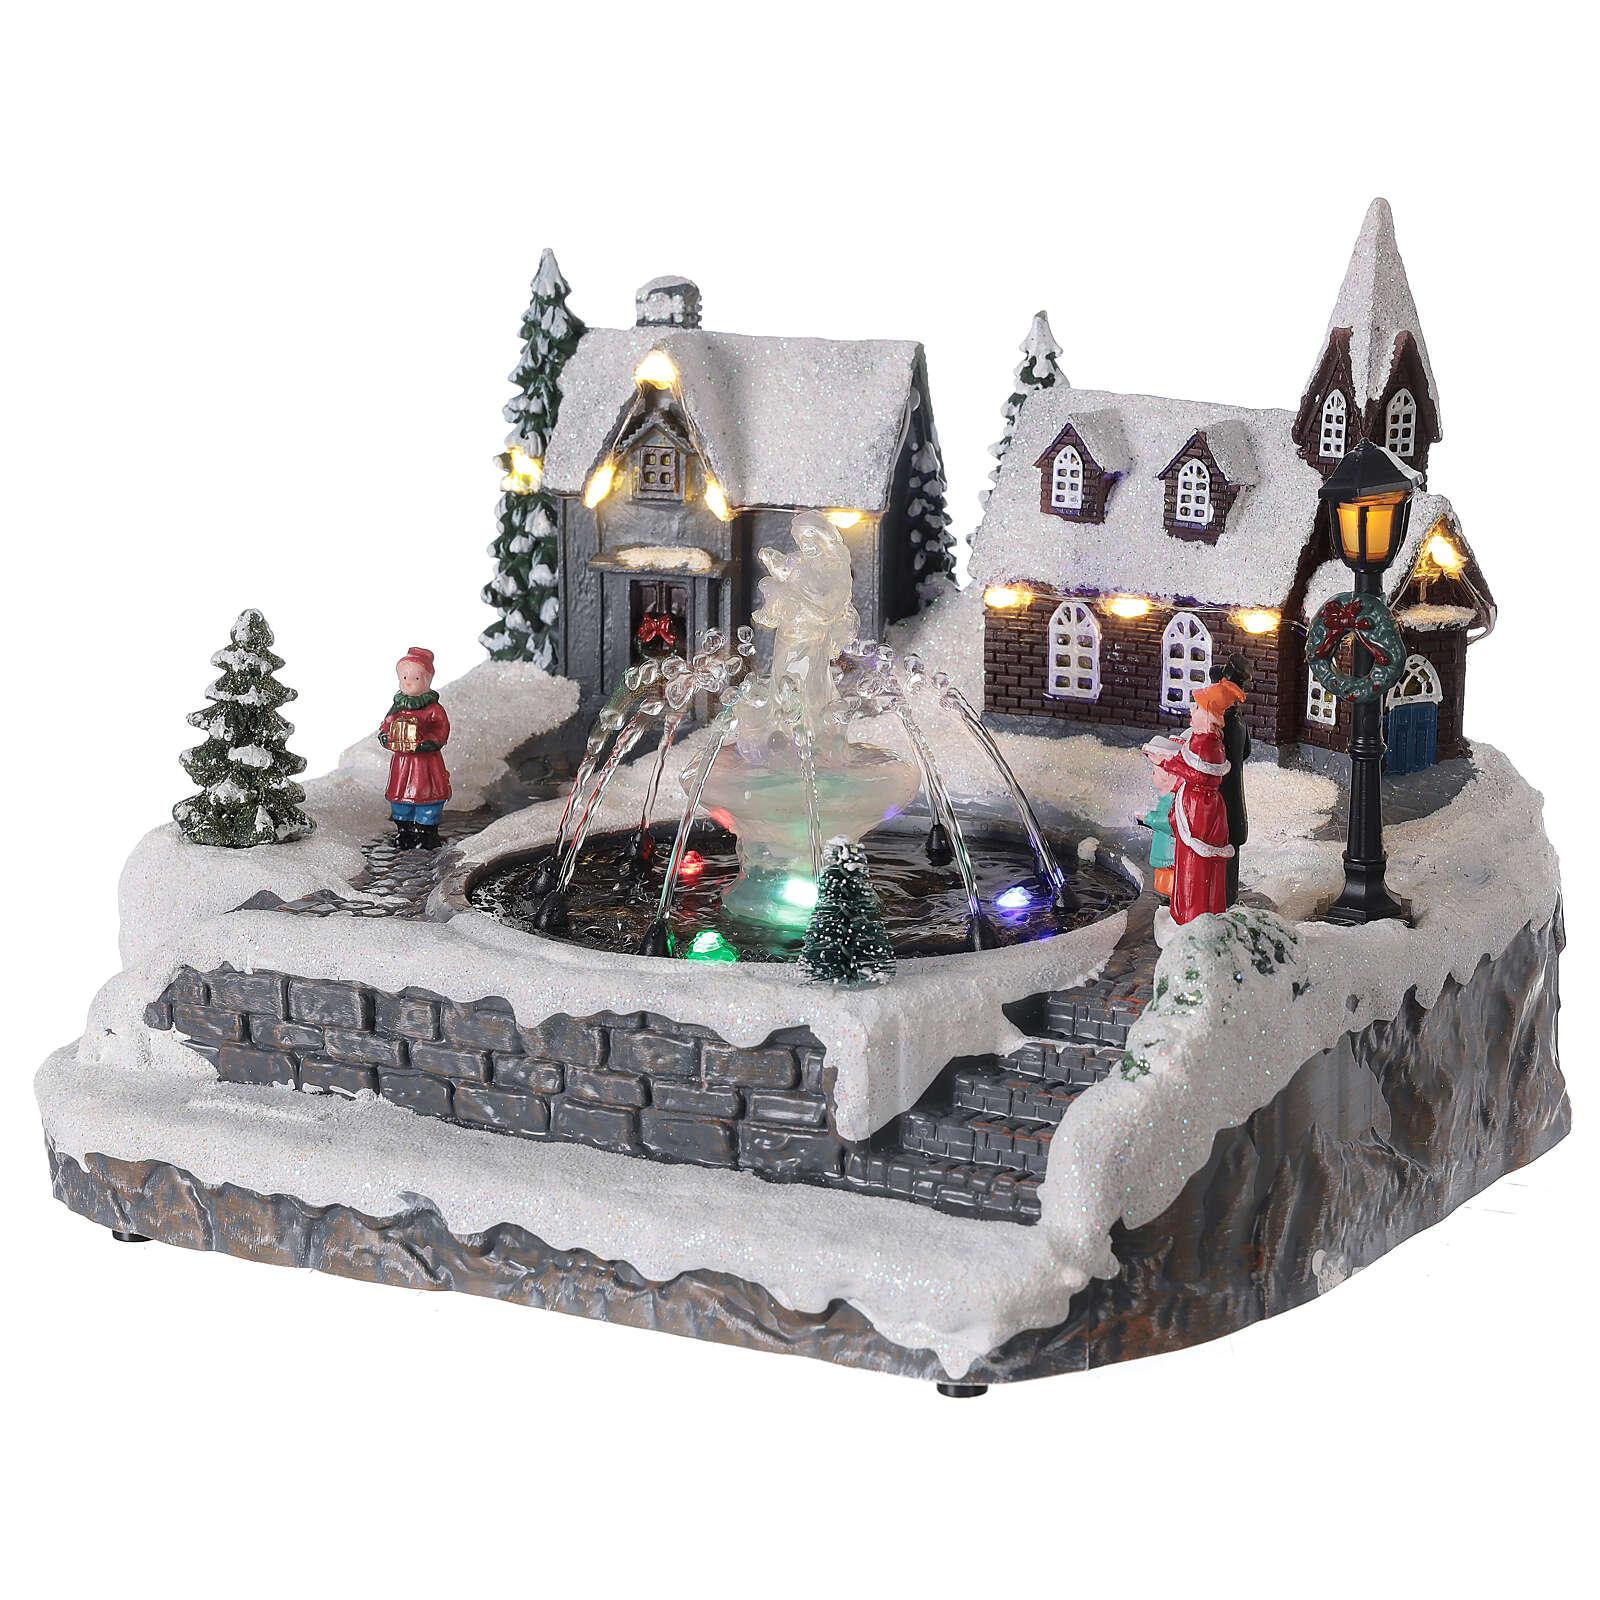 Christmas village frozen fountain multi-color LEDs 20x25x20 cm 3